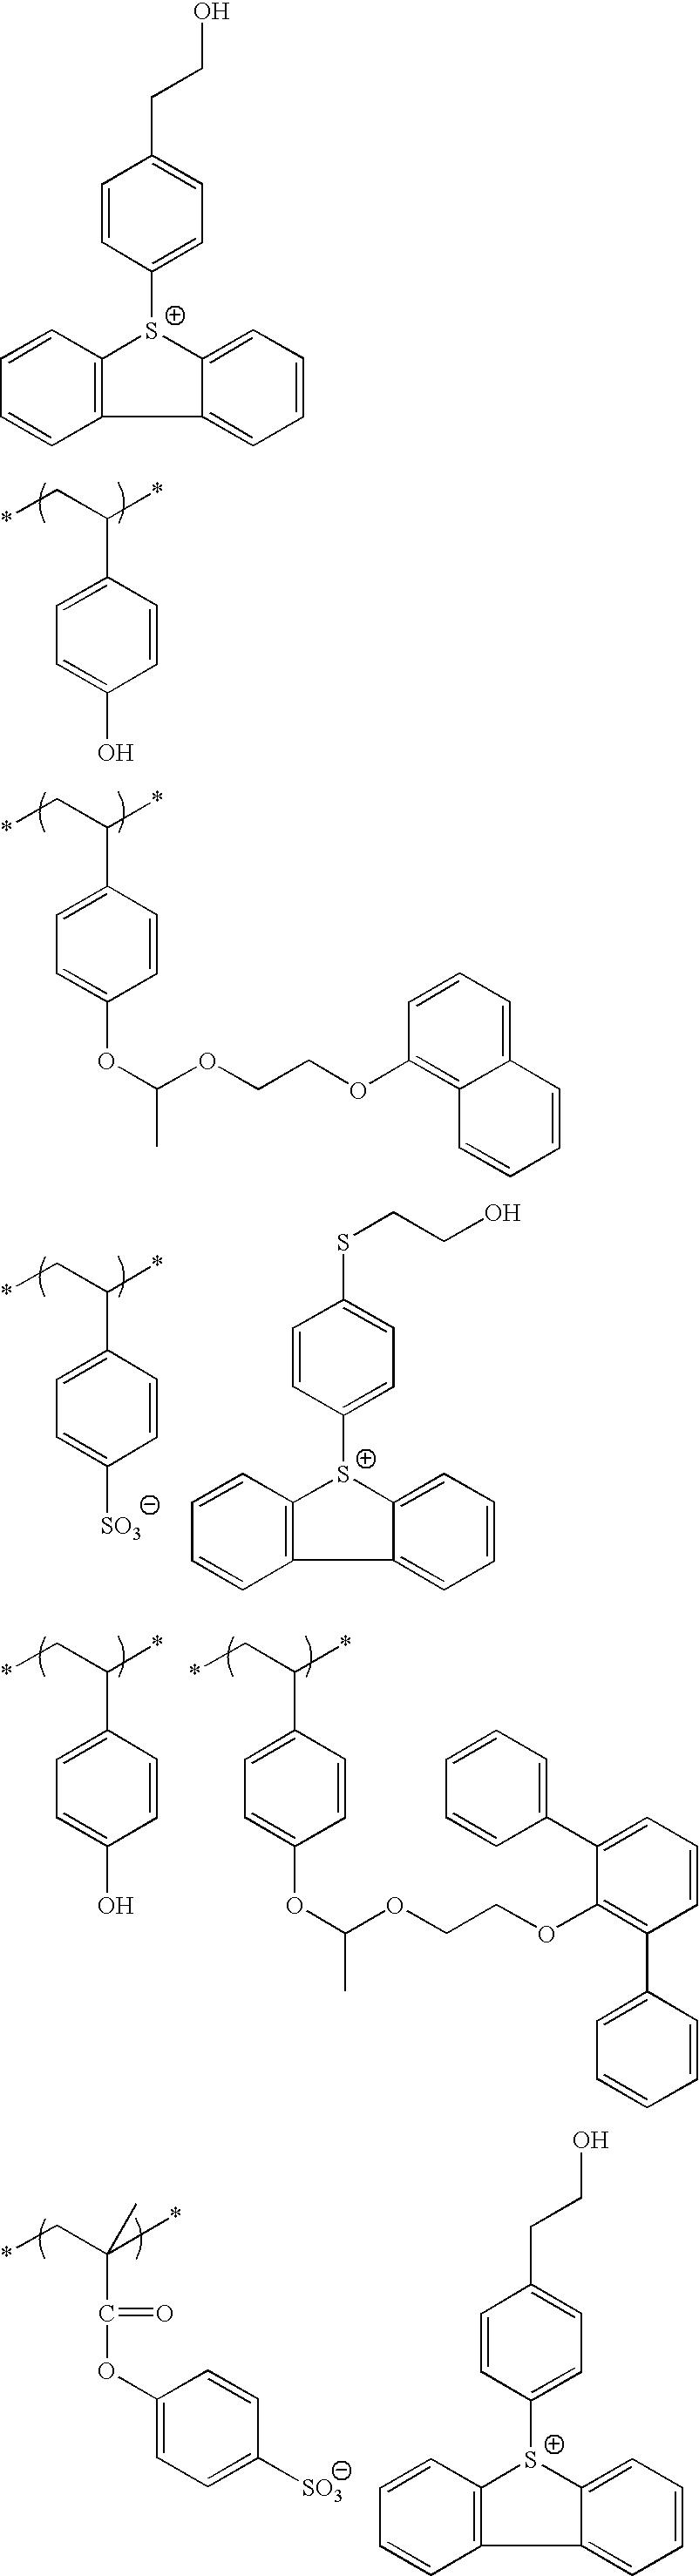 Figure US08852845-20141007-C00168